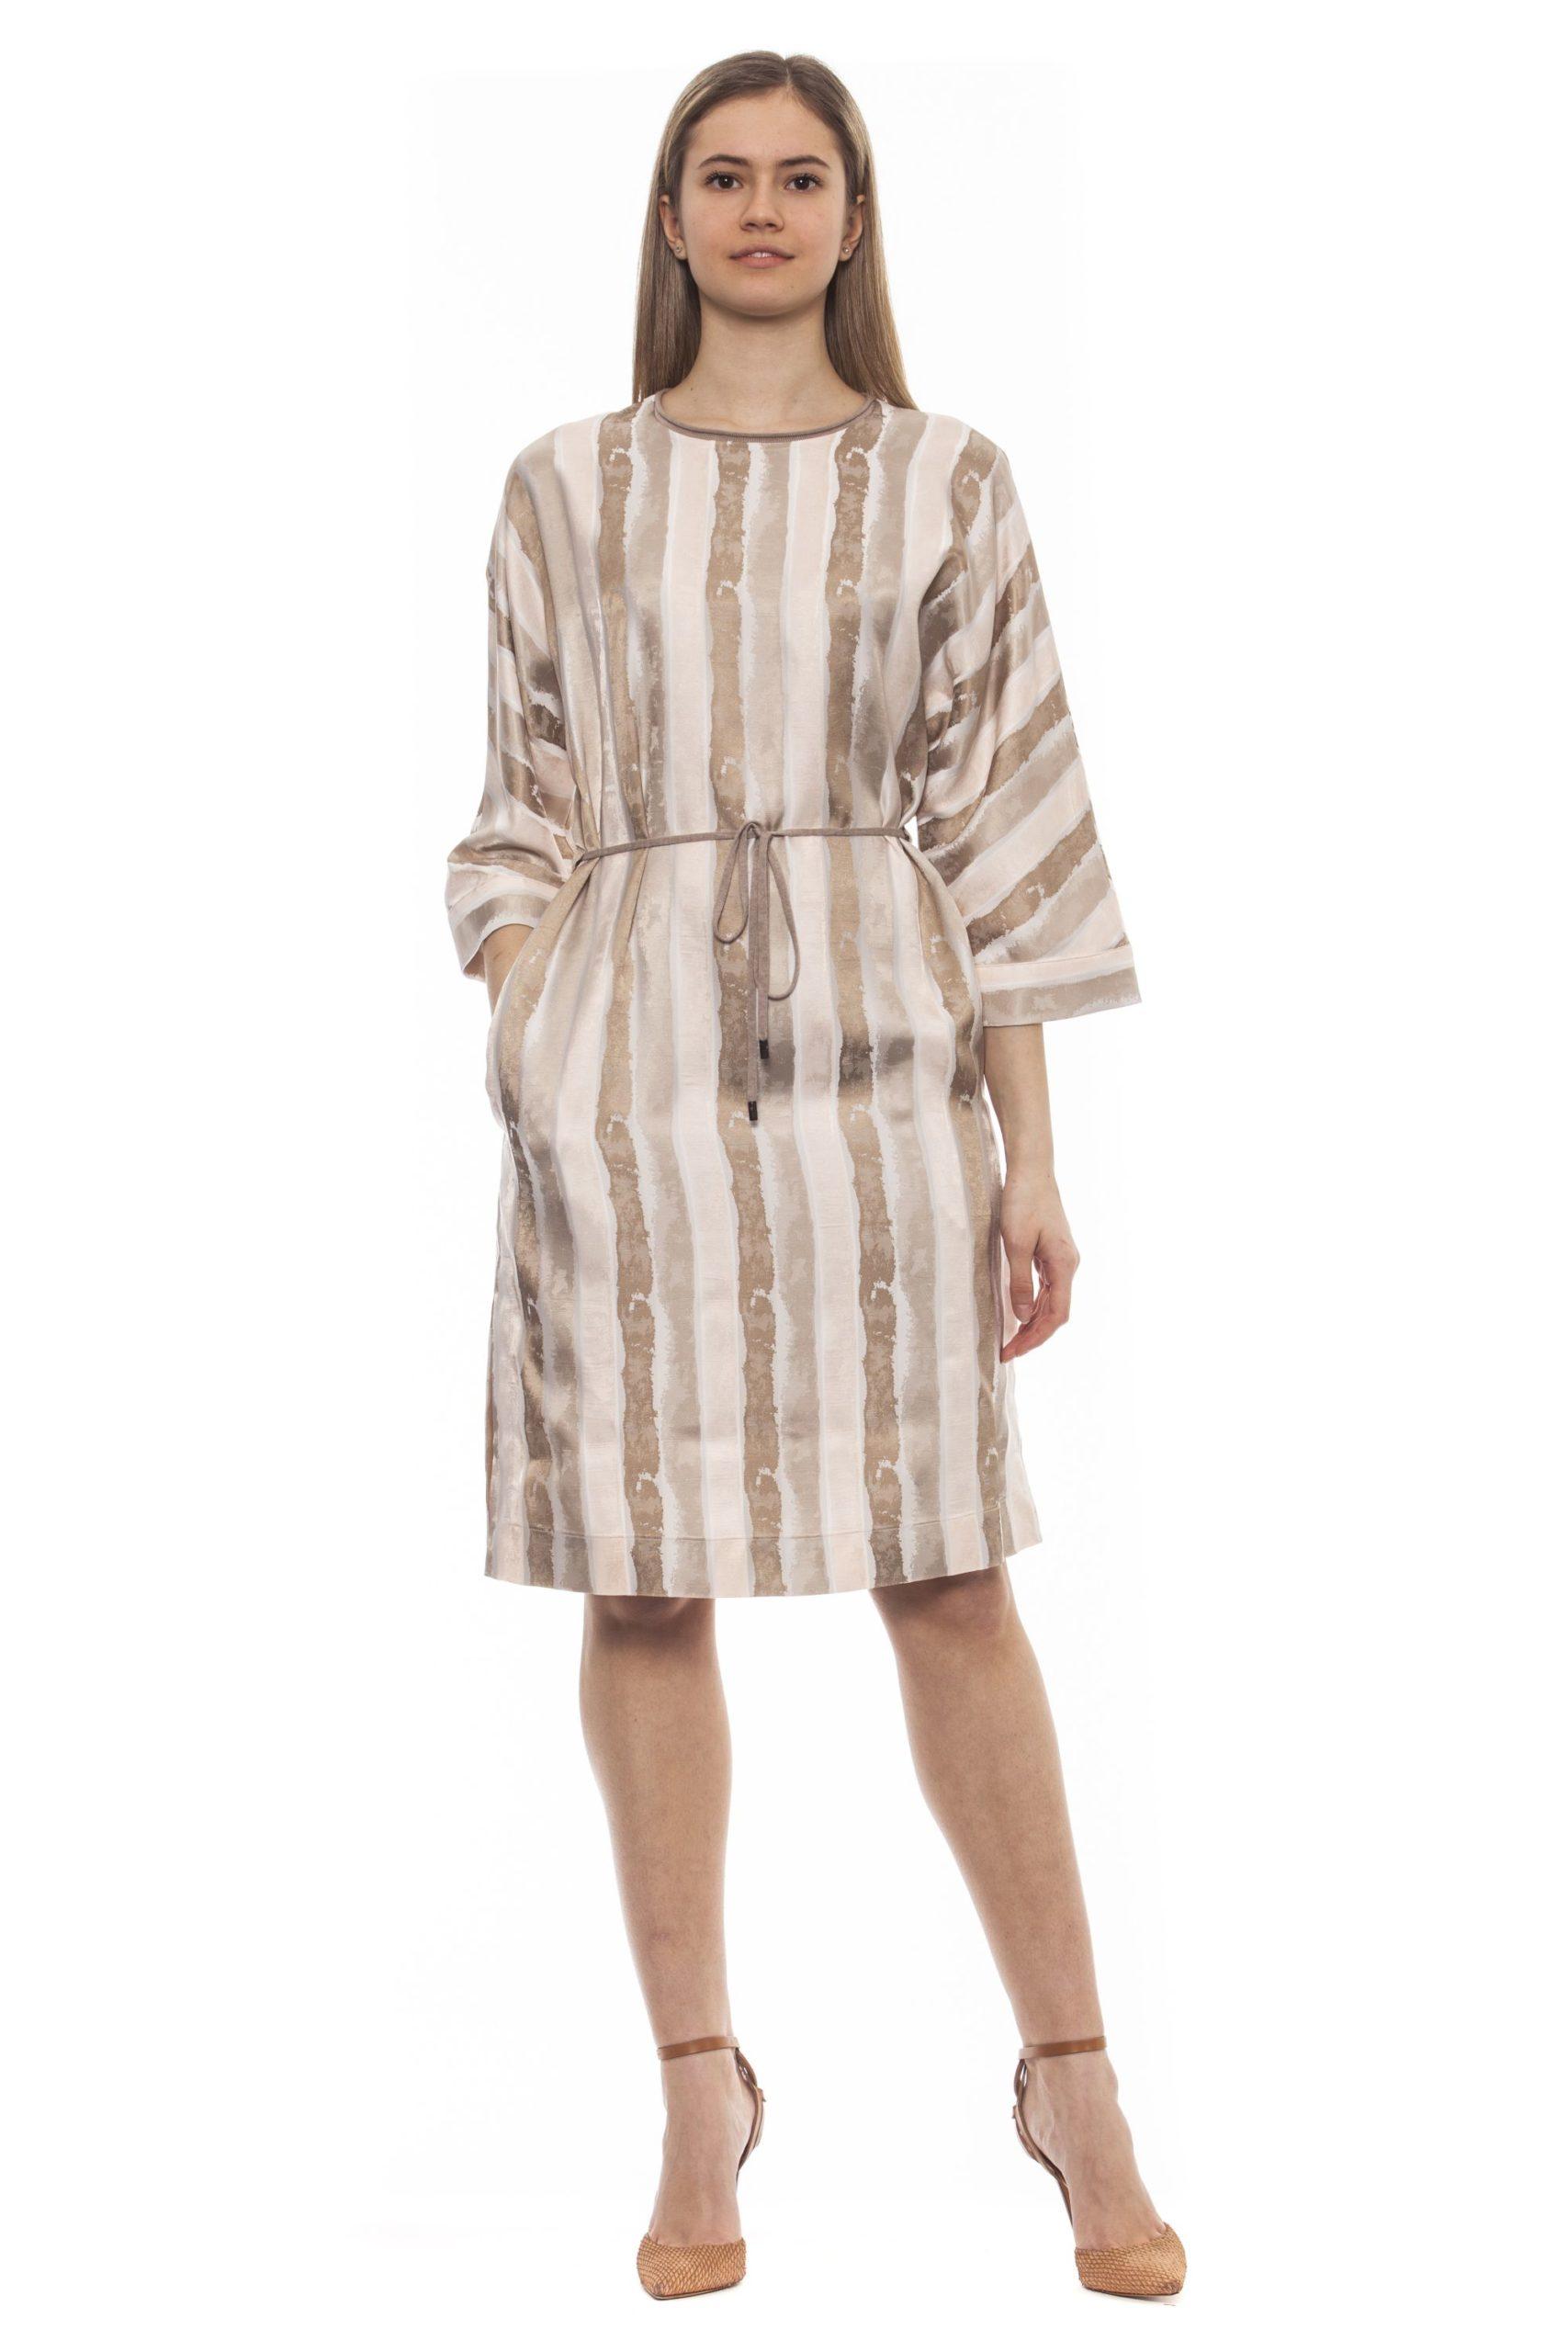 Peserico Women's Bianco Dress Beige PE1383228 - IT42 | S